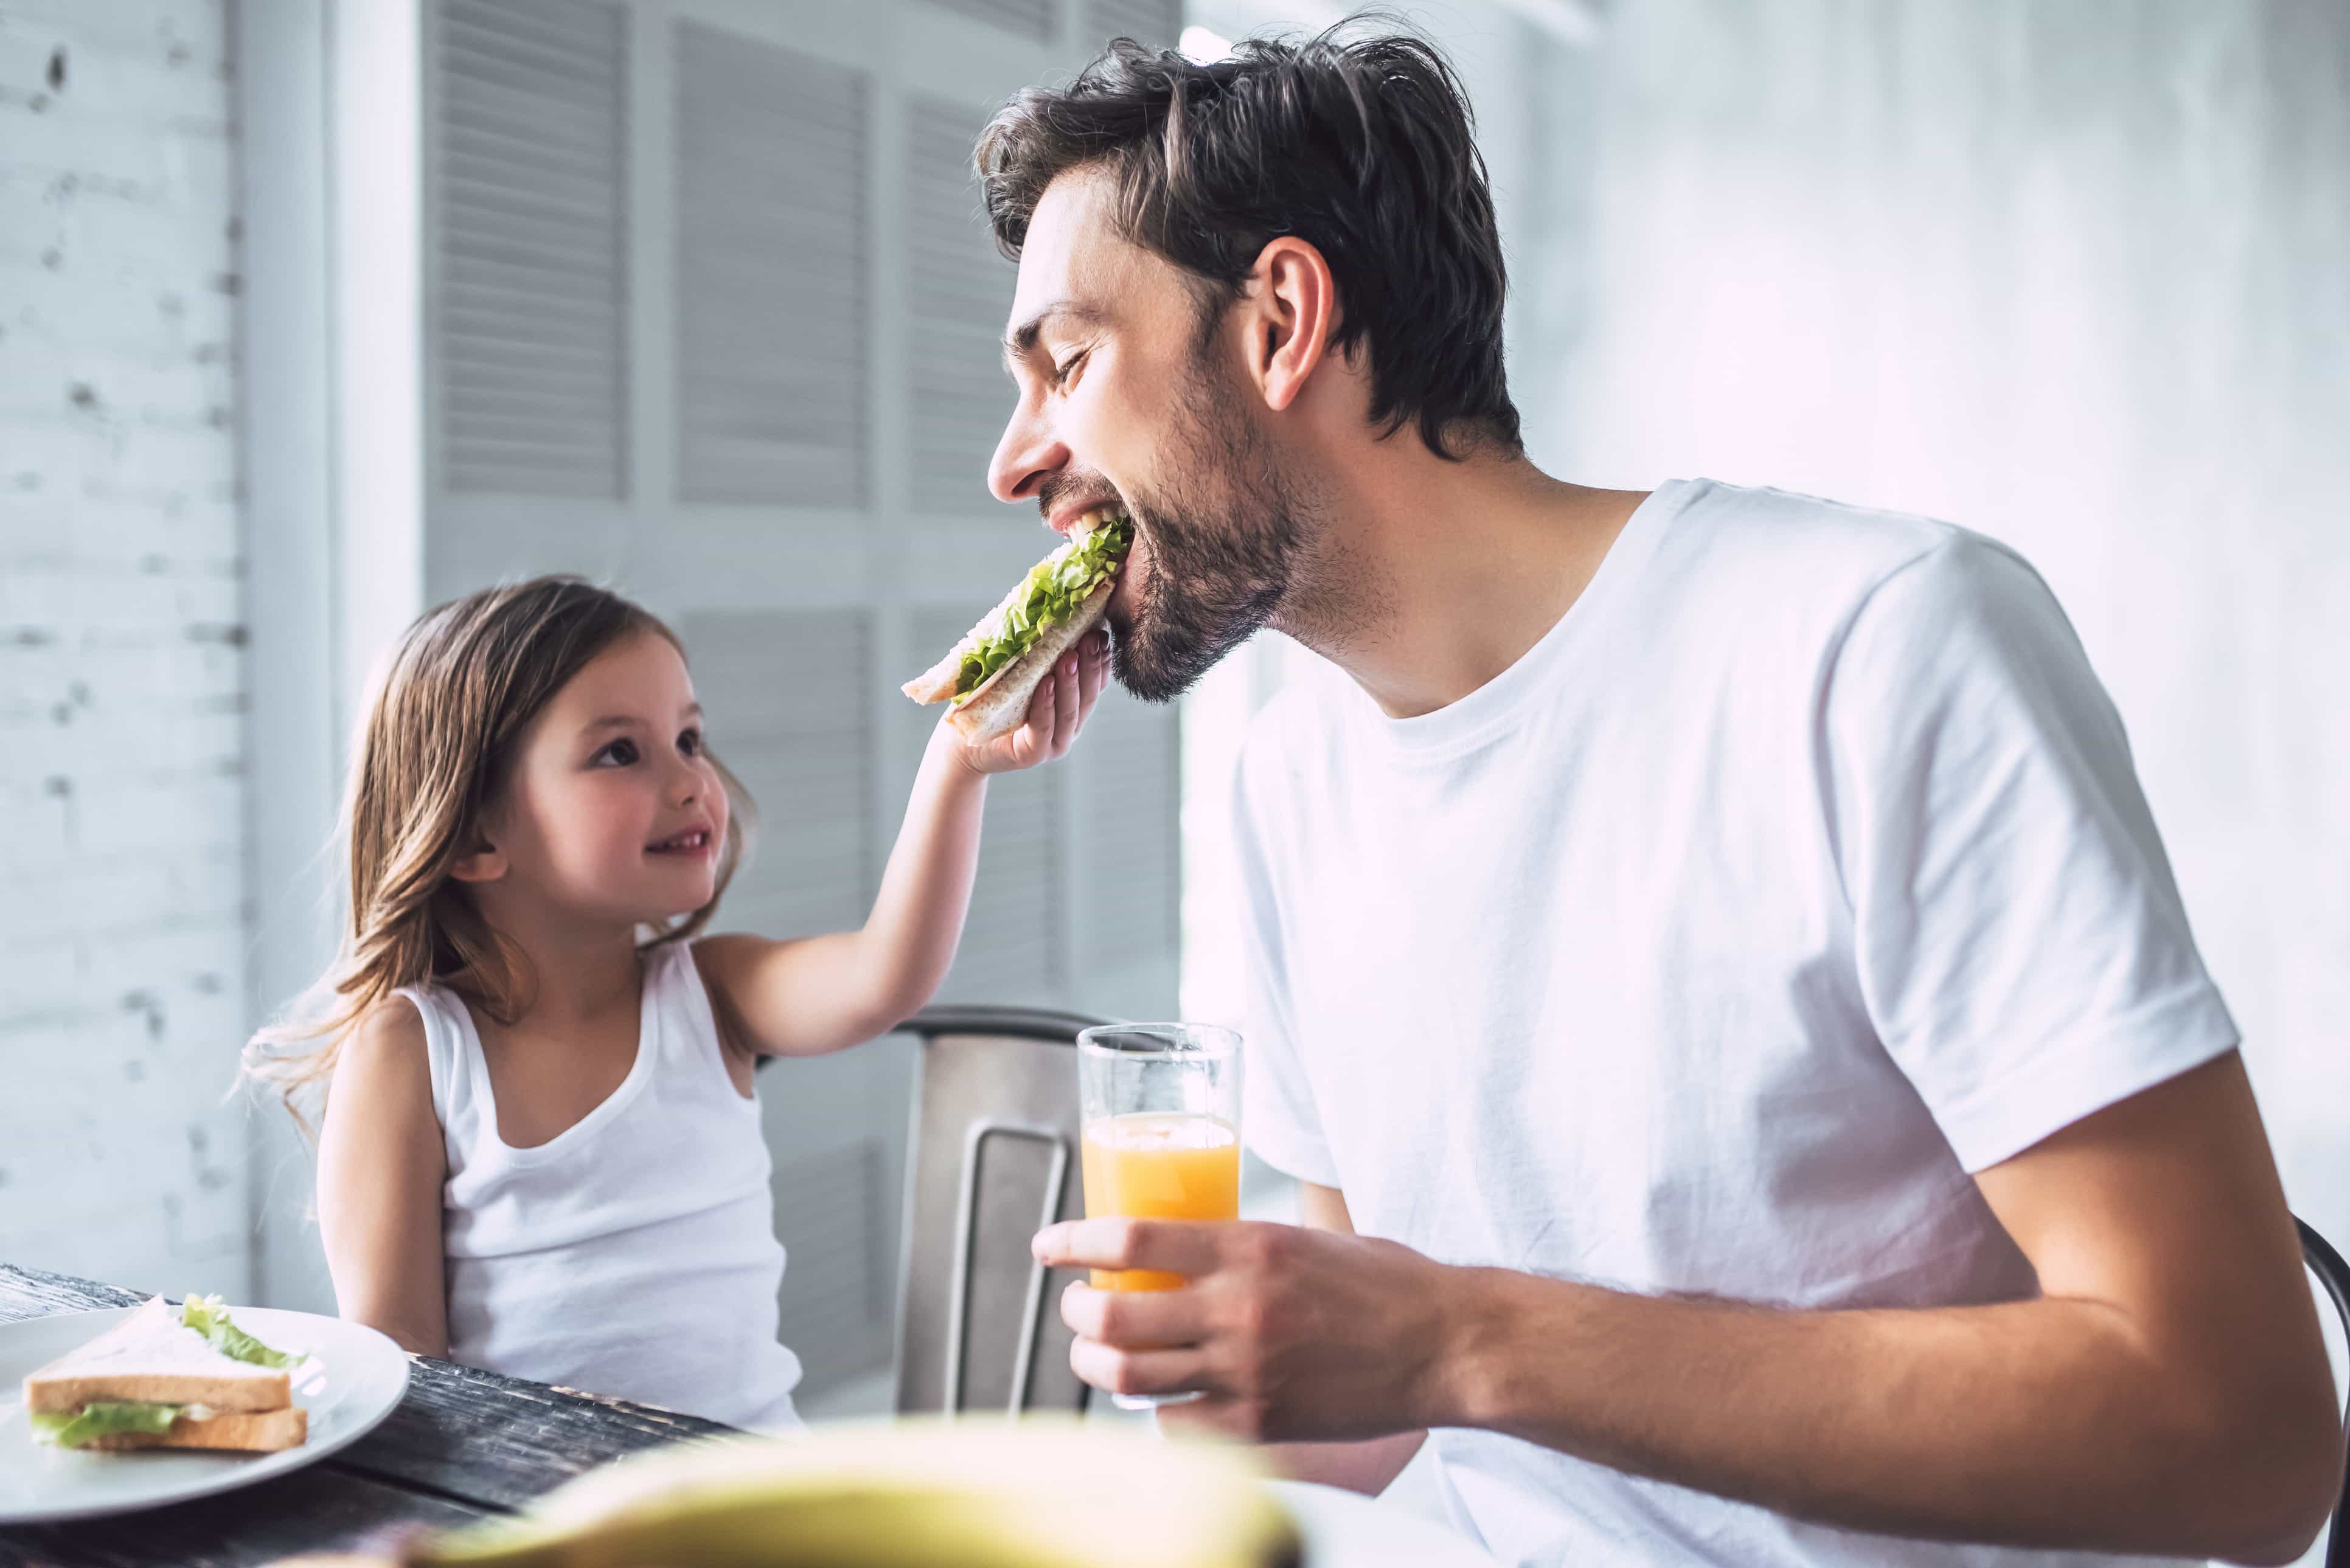 Ter um filho favorito? Entenda os efeitos devastadores